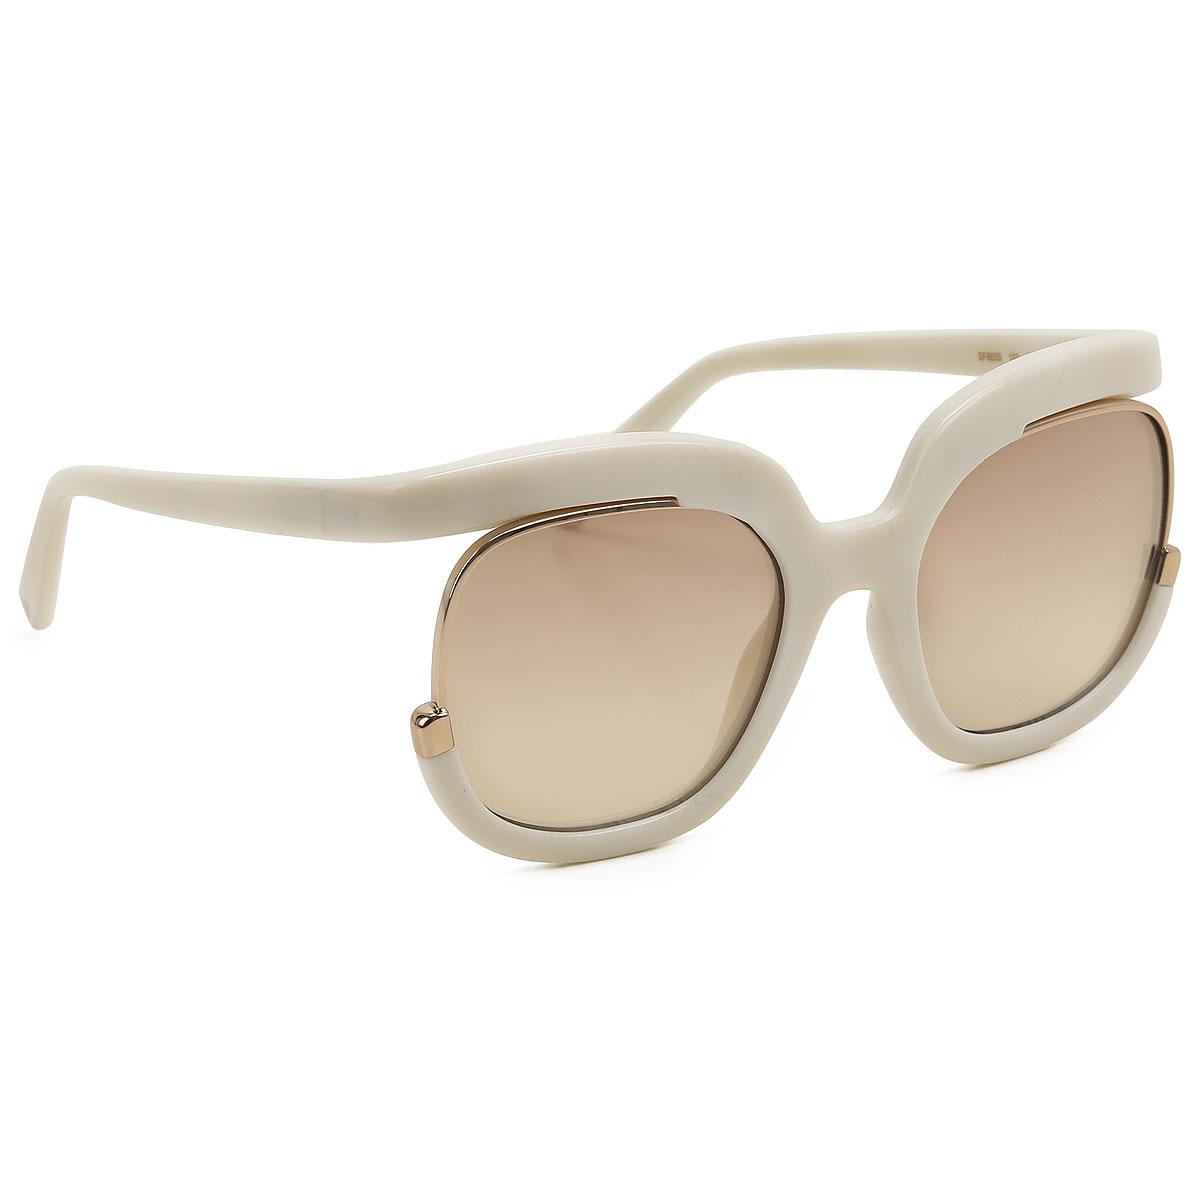 Gafas y Lentes de Sol Salvatore Ferragamo, Detalle Modelo: sf863s-103-